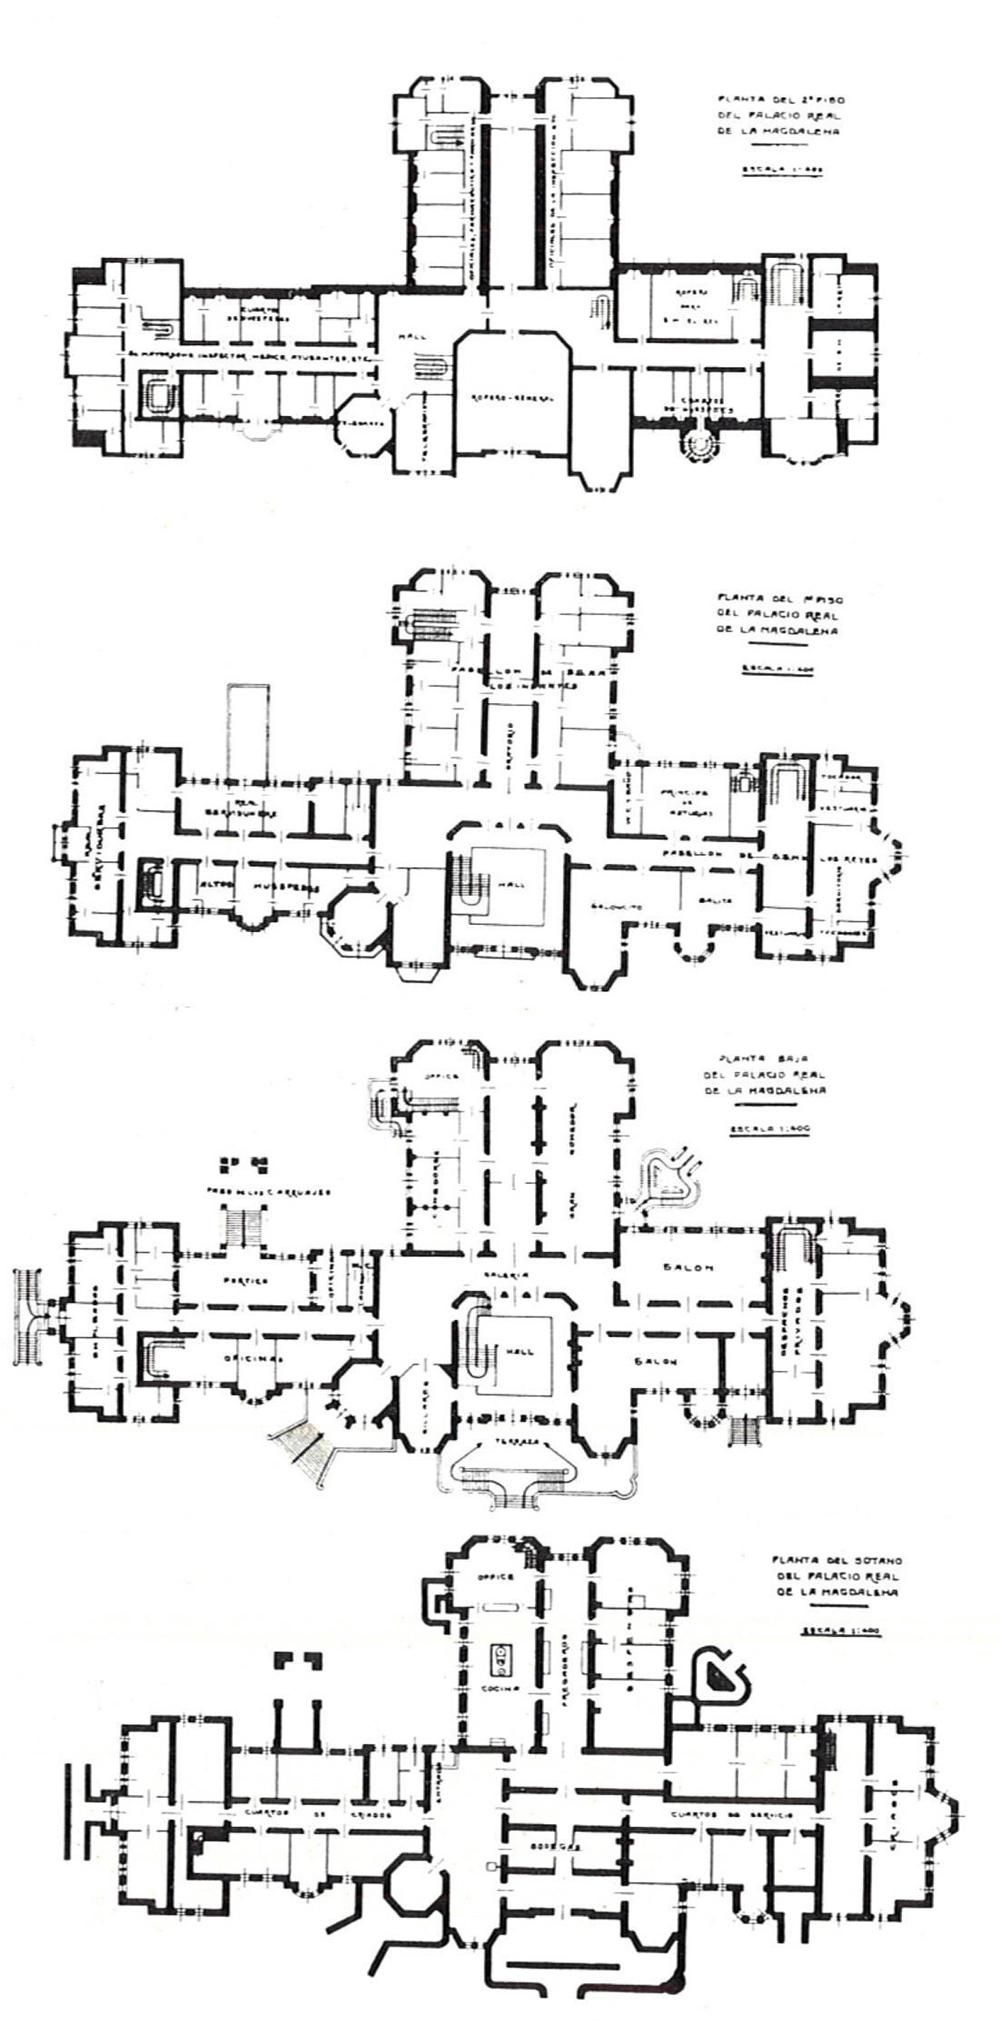 Floor Plans Of Palacio De La Magdalena Santander Spain